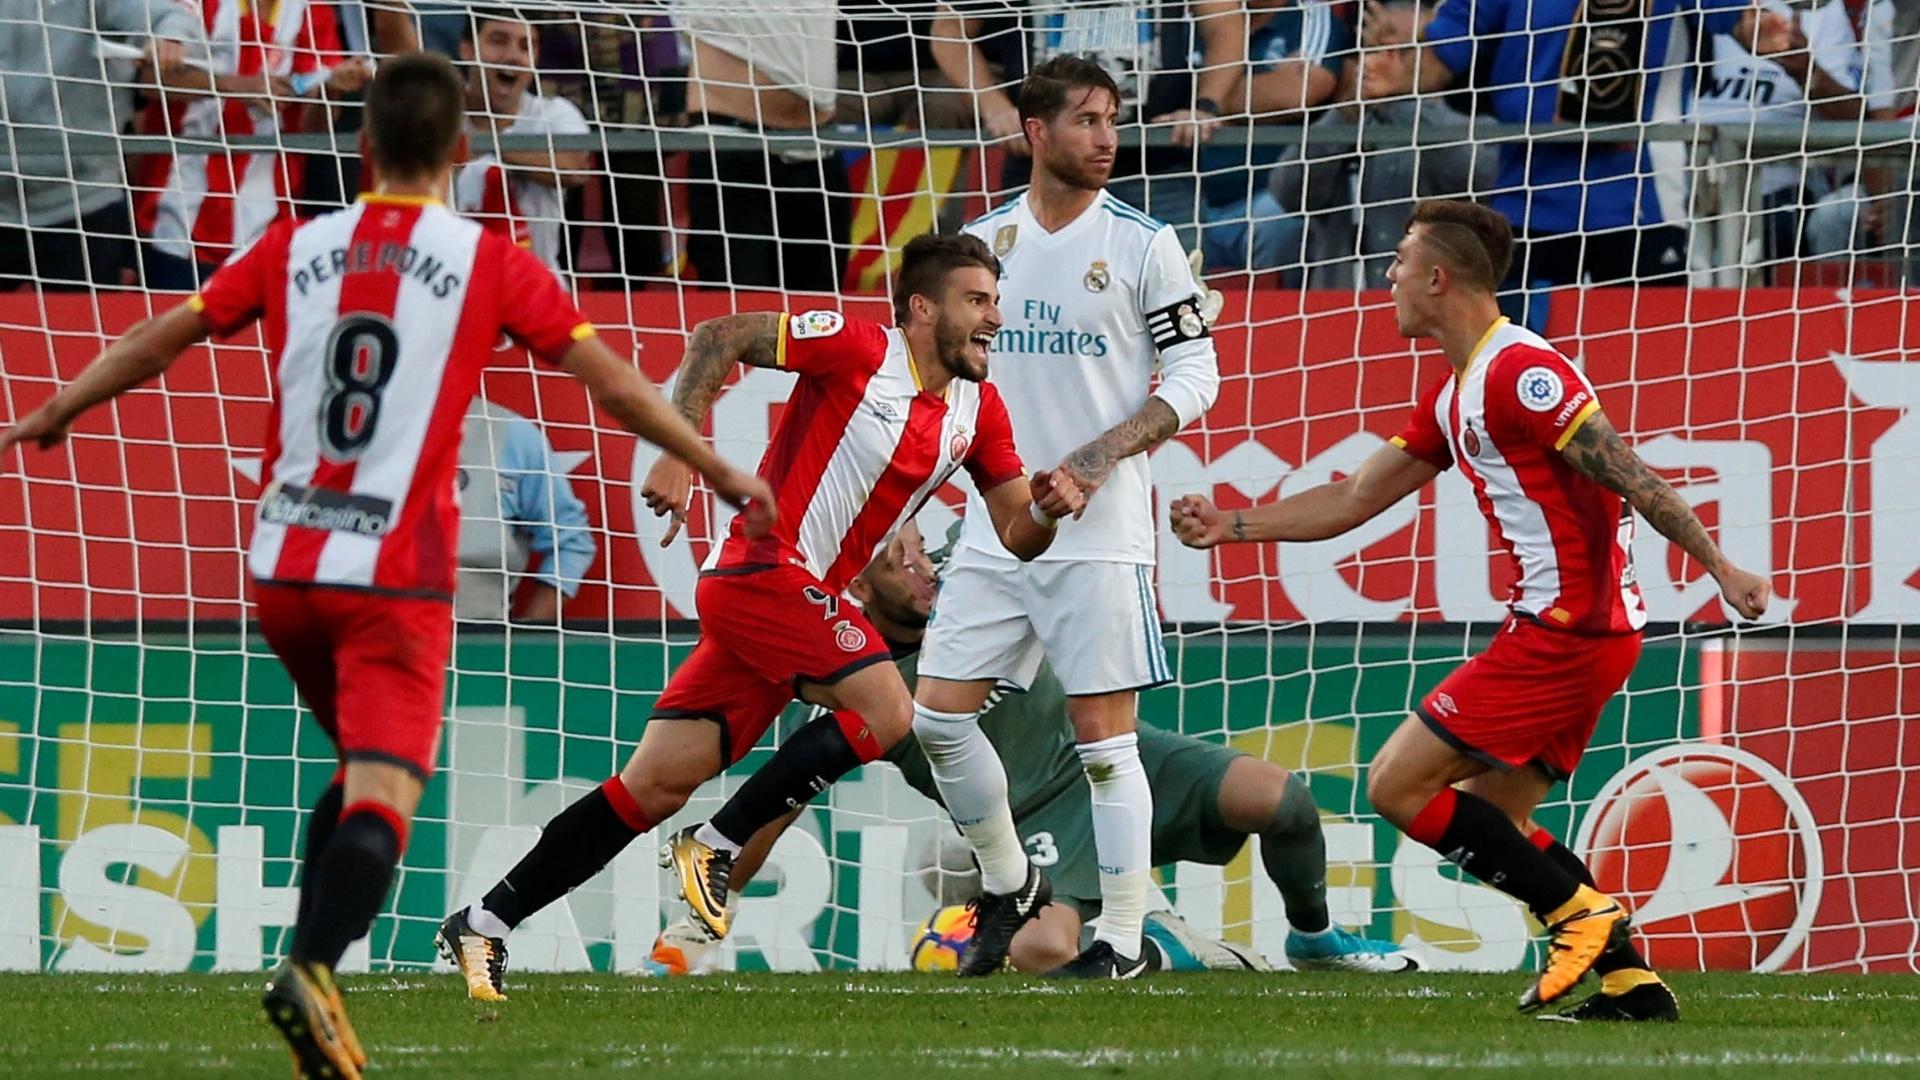 Portu comemora o seu gol para o Girona contra o Real Madrid